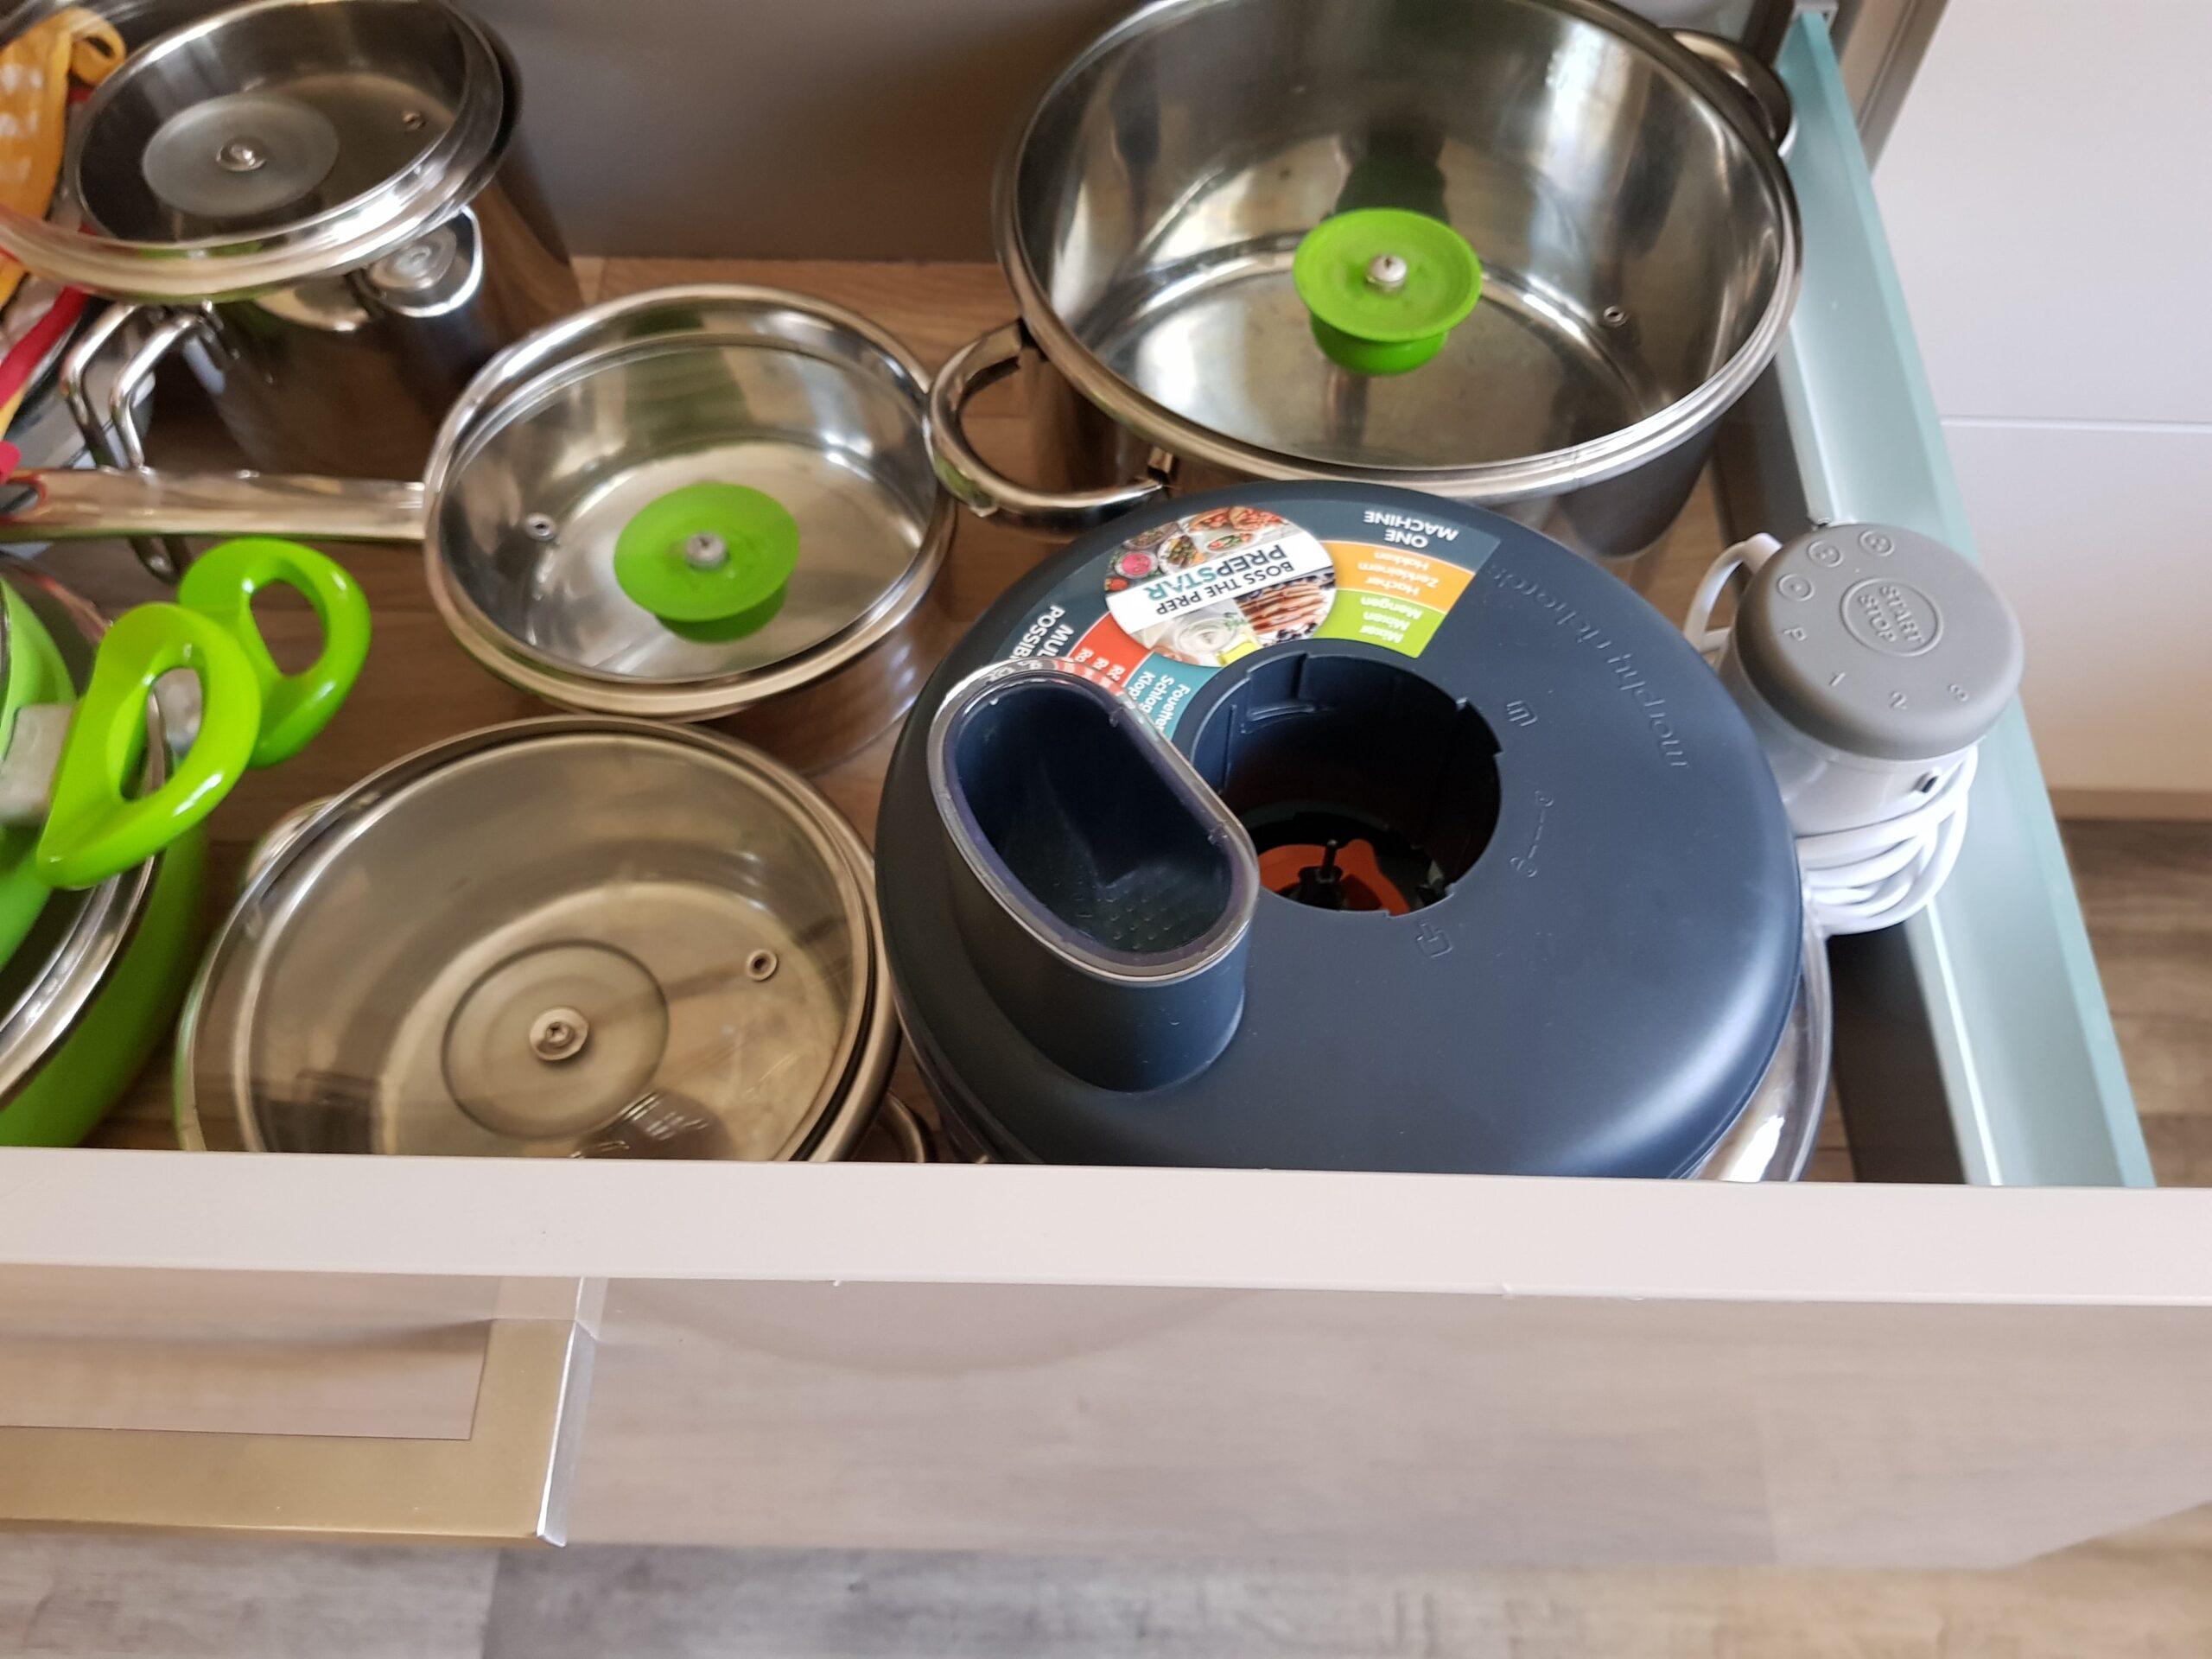 Full Size of Küchen Aufbewahrungsbehälter Prepstar Morphy Richards Kchenmaschine Icefee Testet Regal Küche Wohnzimmer Küchen Aufbewahrungsbehälter